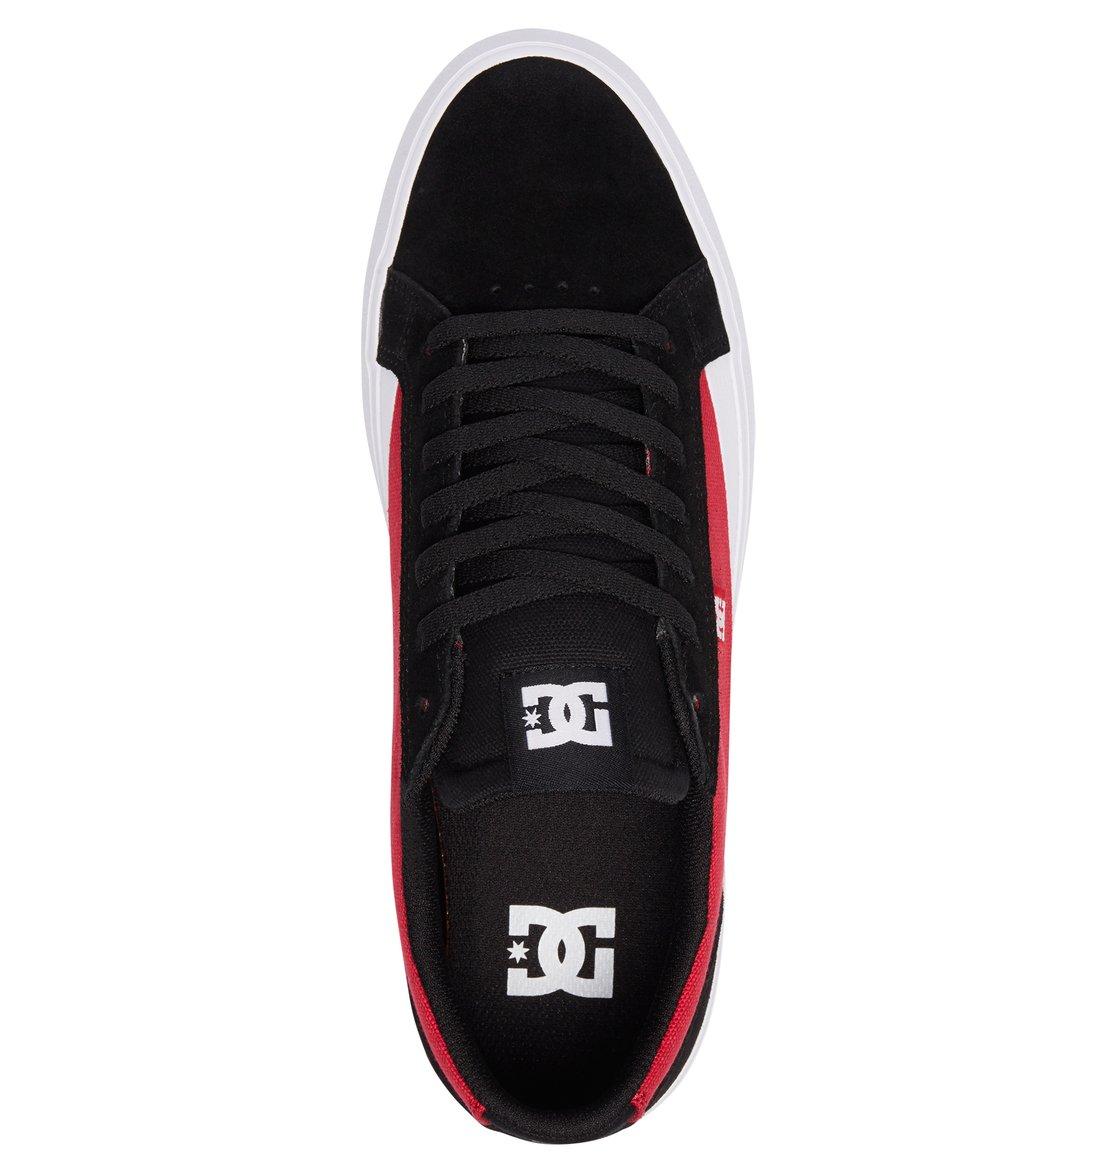 DC-Shoes-Lynnfield-Baskets-pour-Homme-ADYS300489 miniature 20